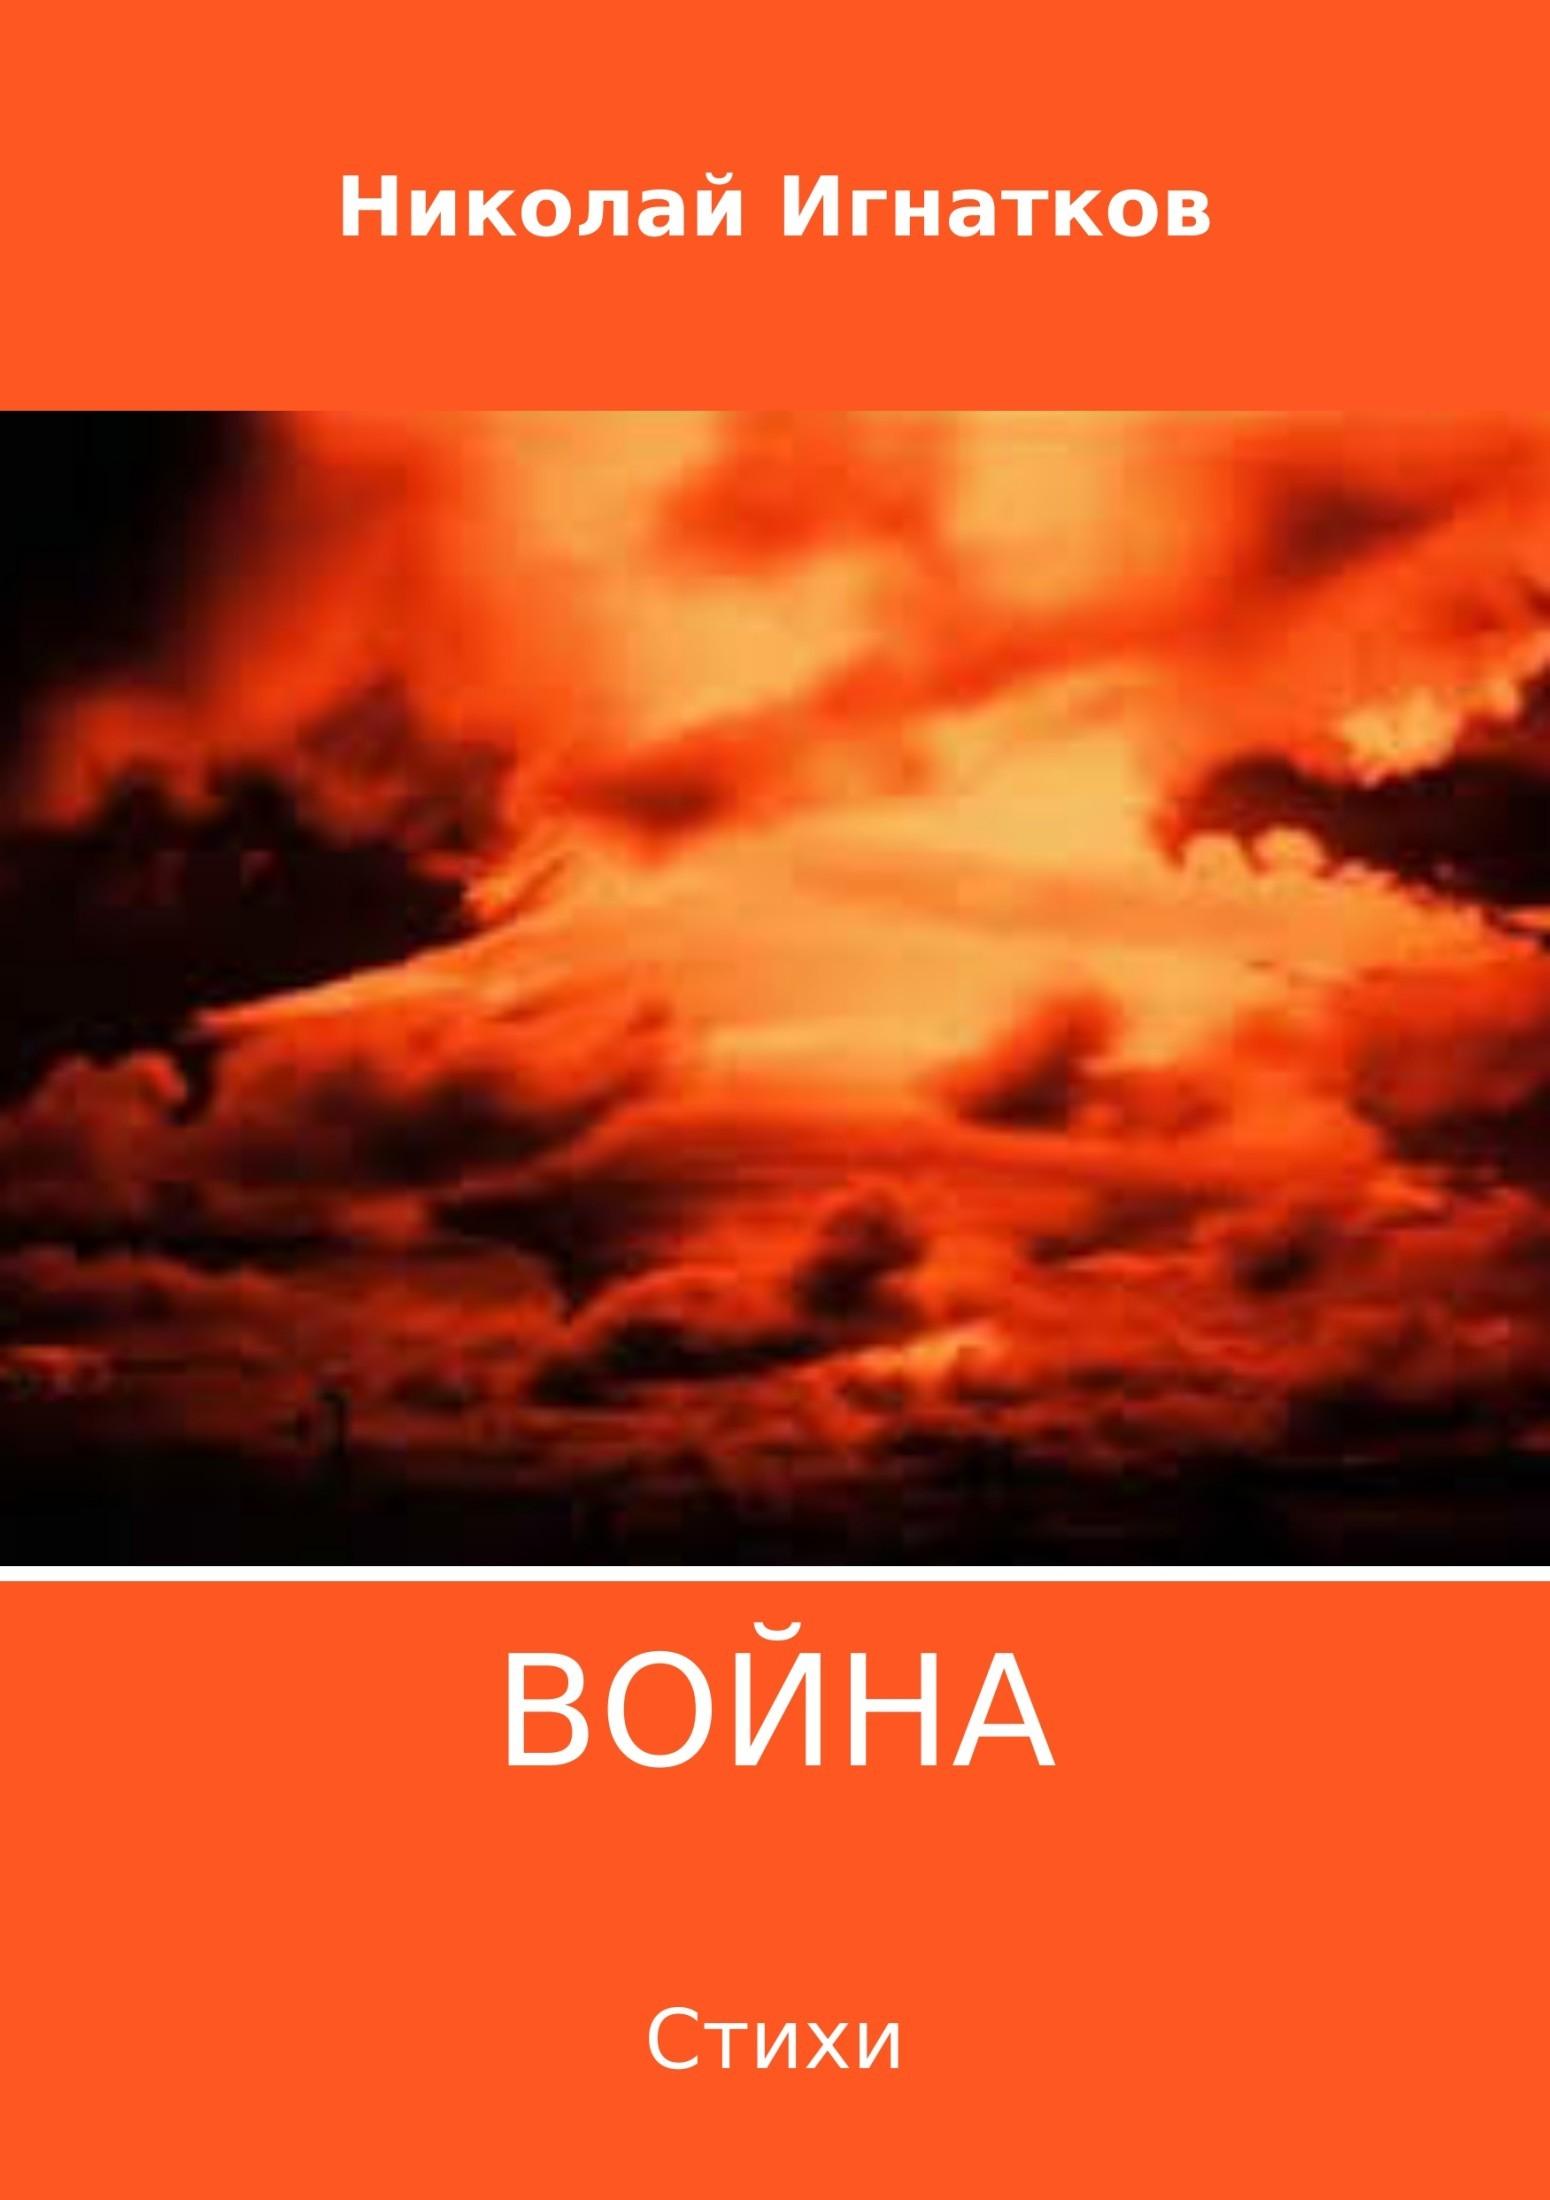 Николай Викторович Игнатков Война. Сборник стихотворений цена